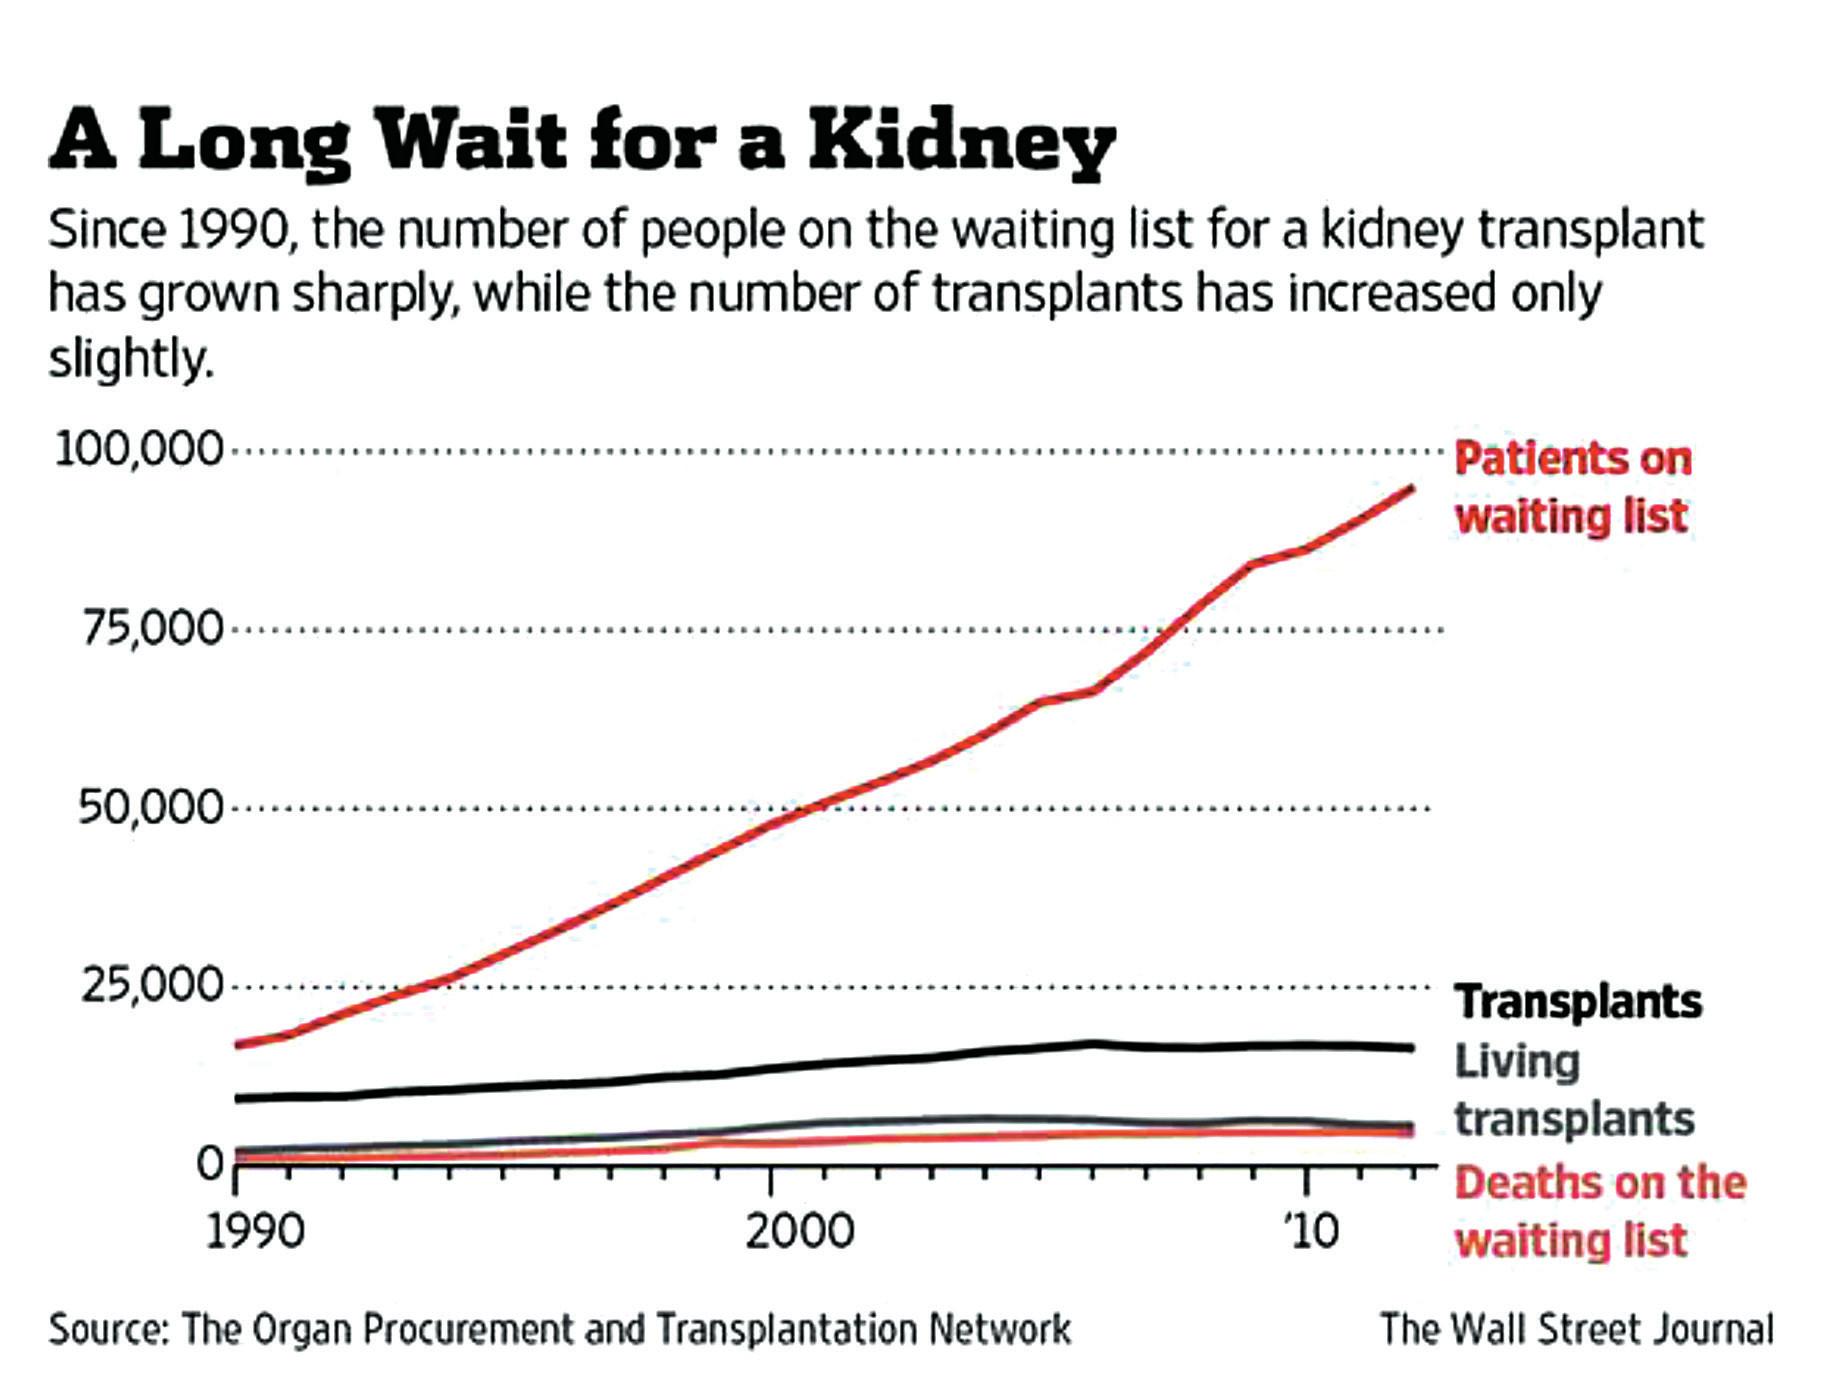 Čekací listina na transplantaci ledviny [1]